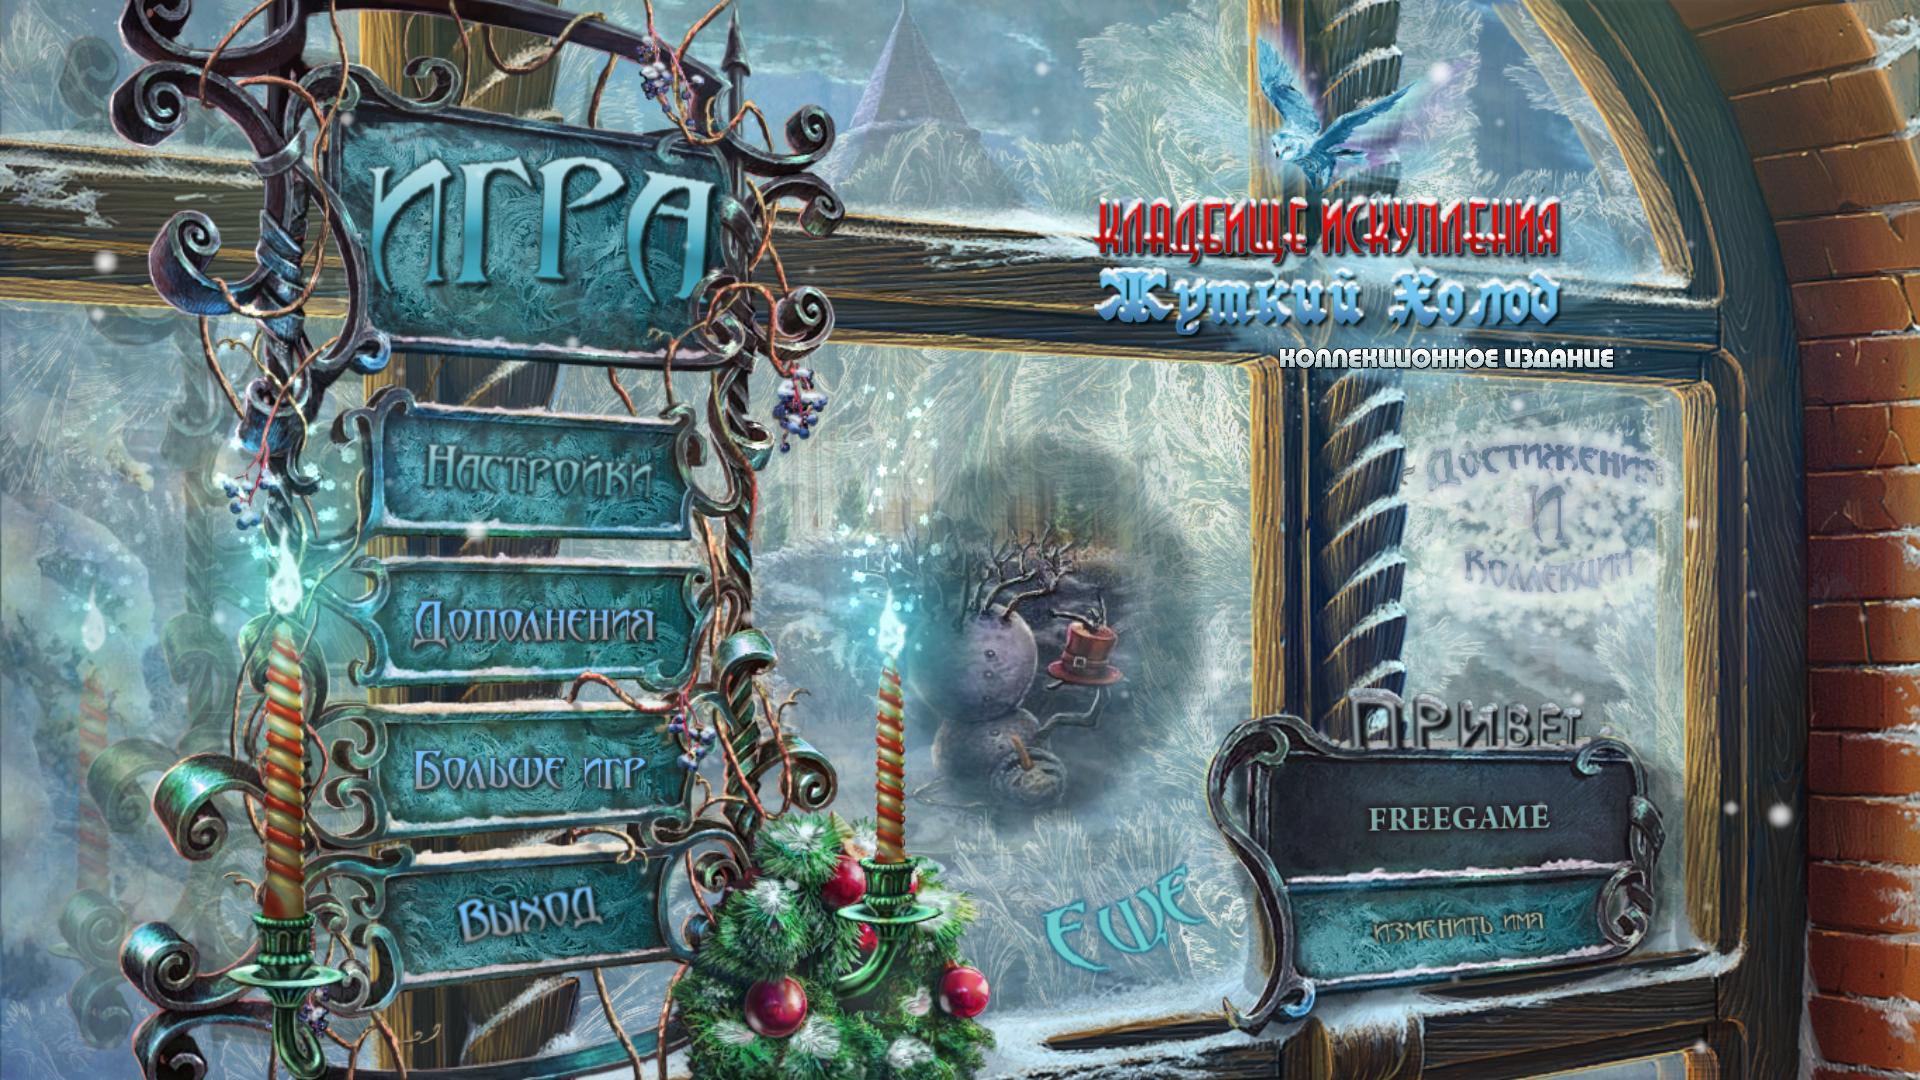 Кладбище искупления 5. Жуткий холод. Коллекционное издание | Redemption Cemetery 5: Bitter Frost CE (Rus)